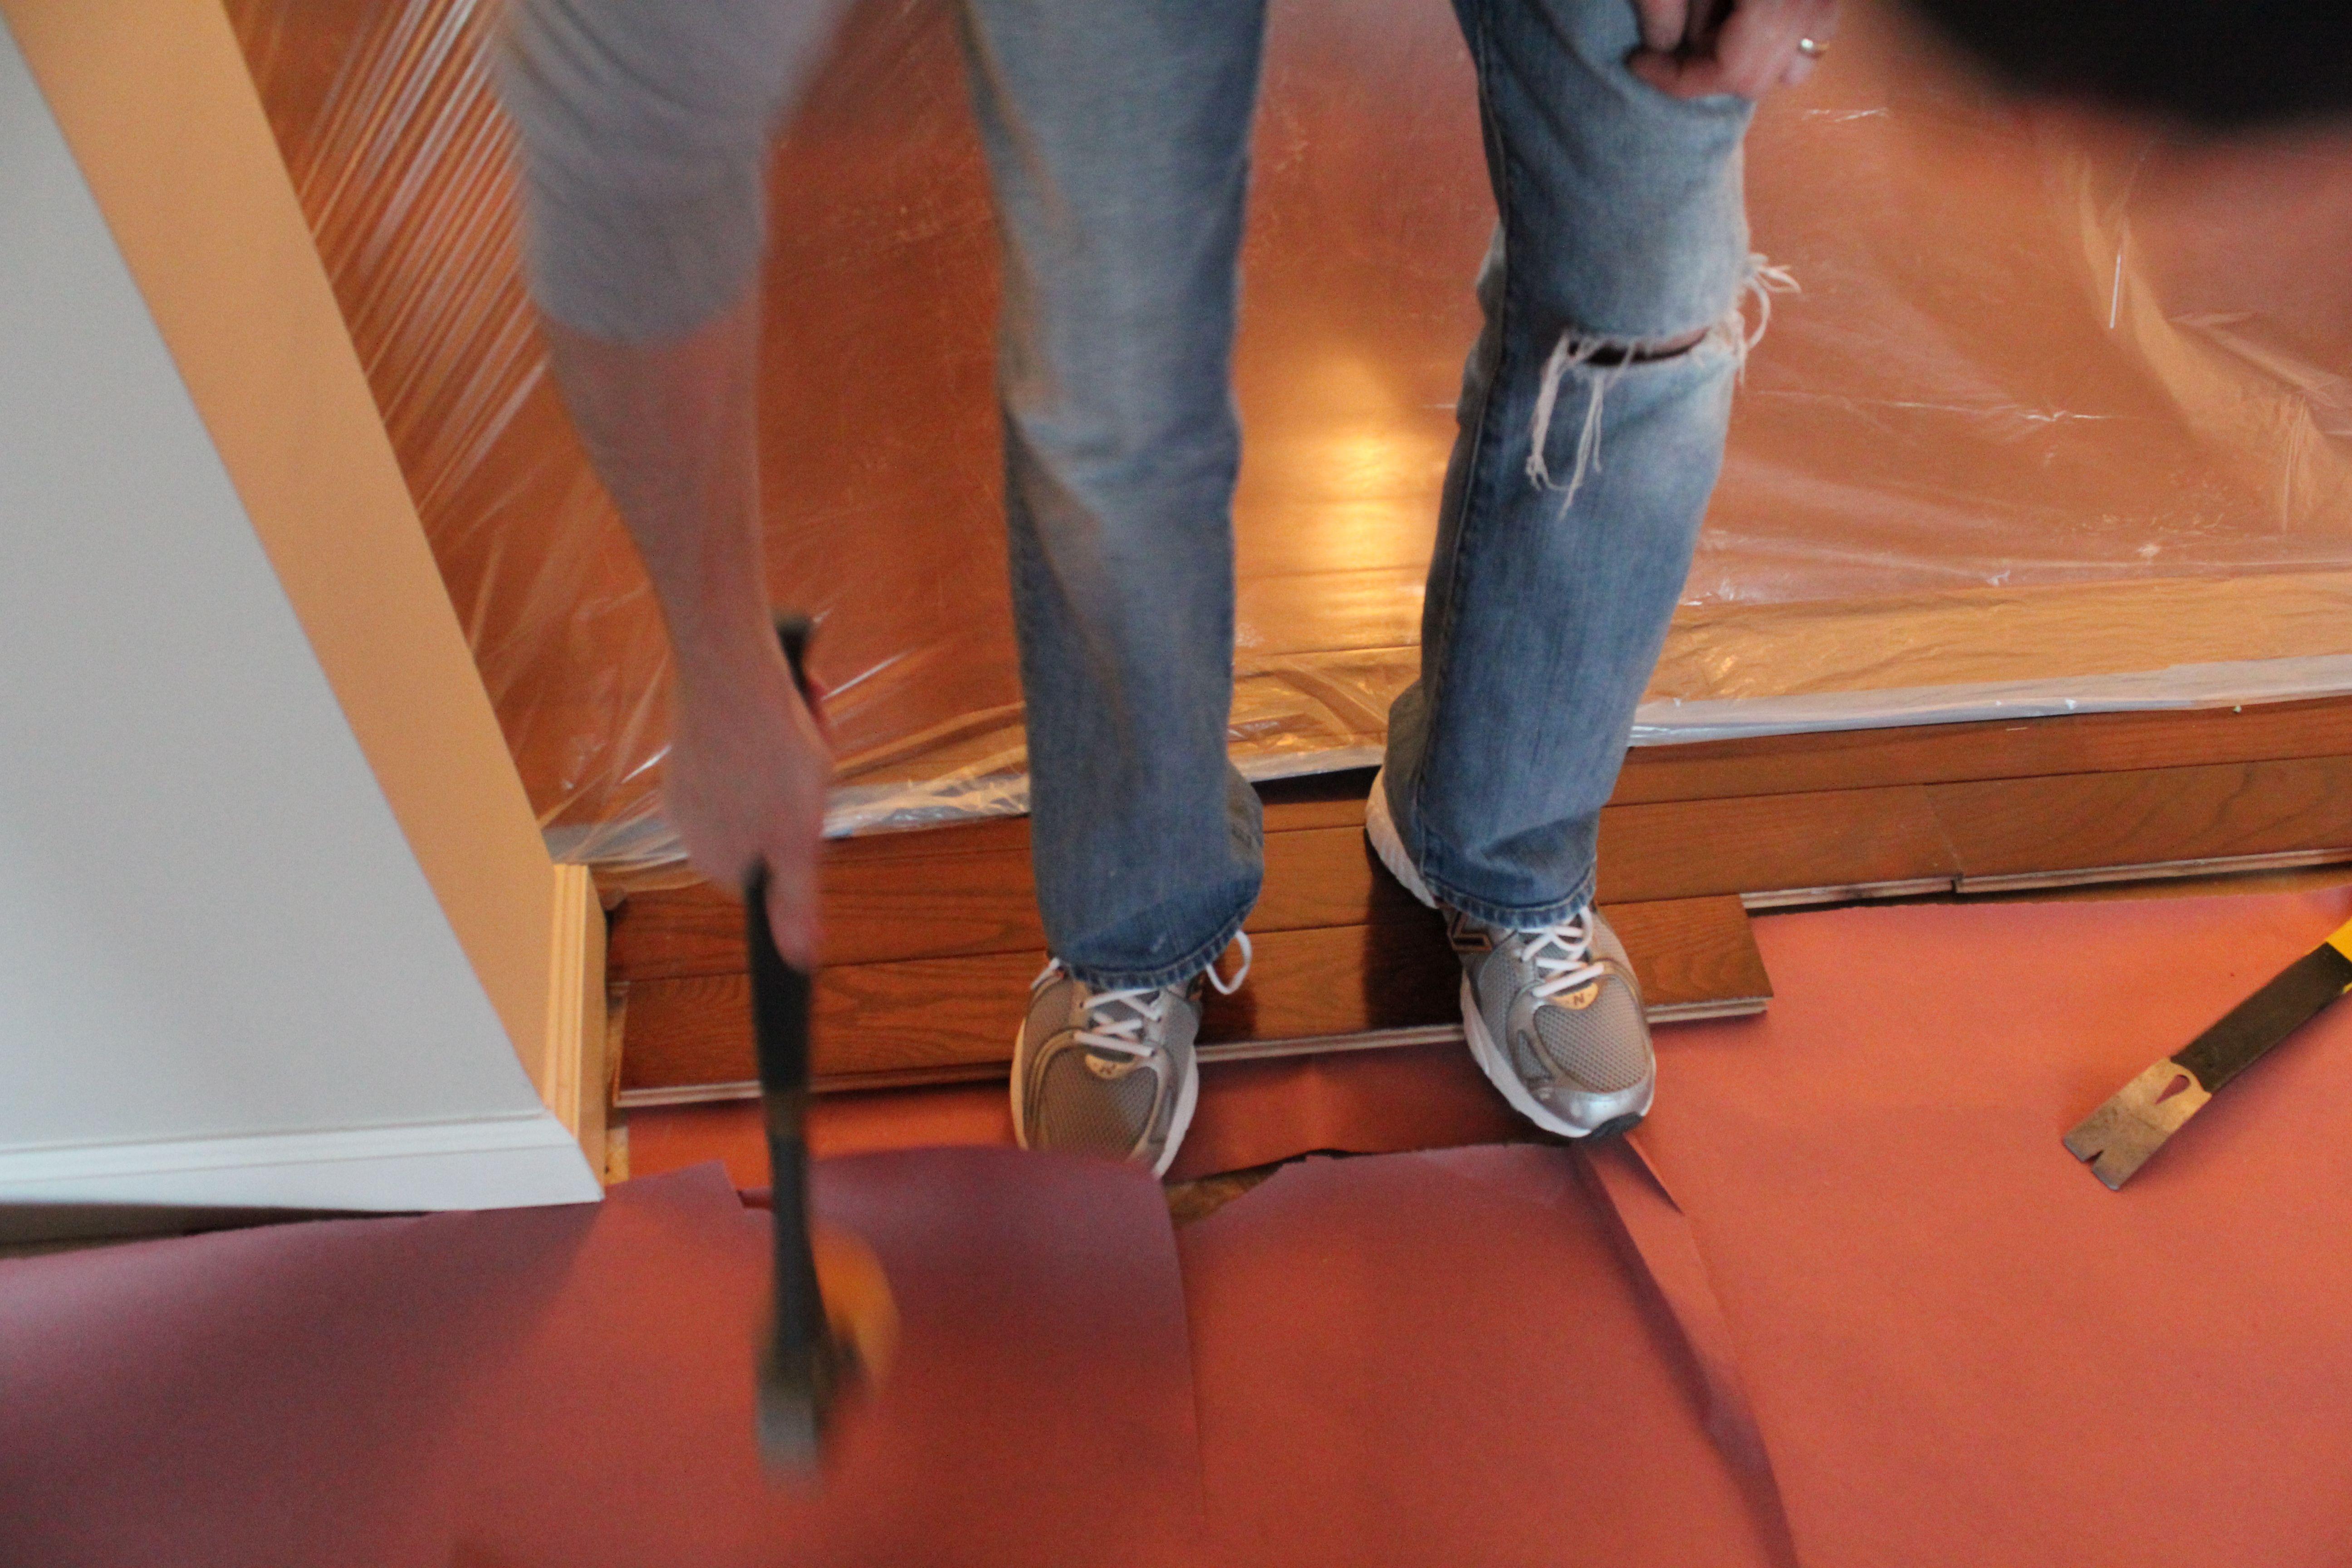 How to Install Hardwood Floors Hardwood floors